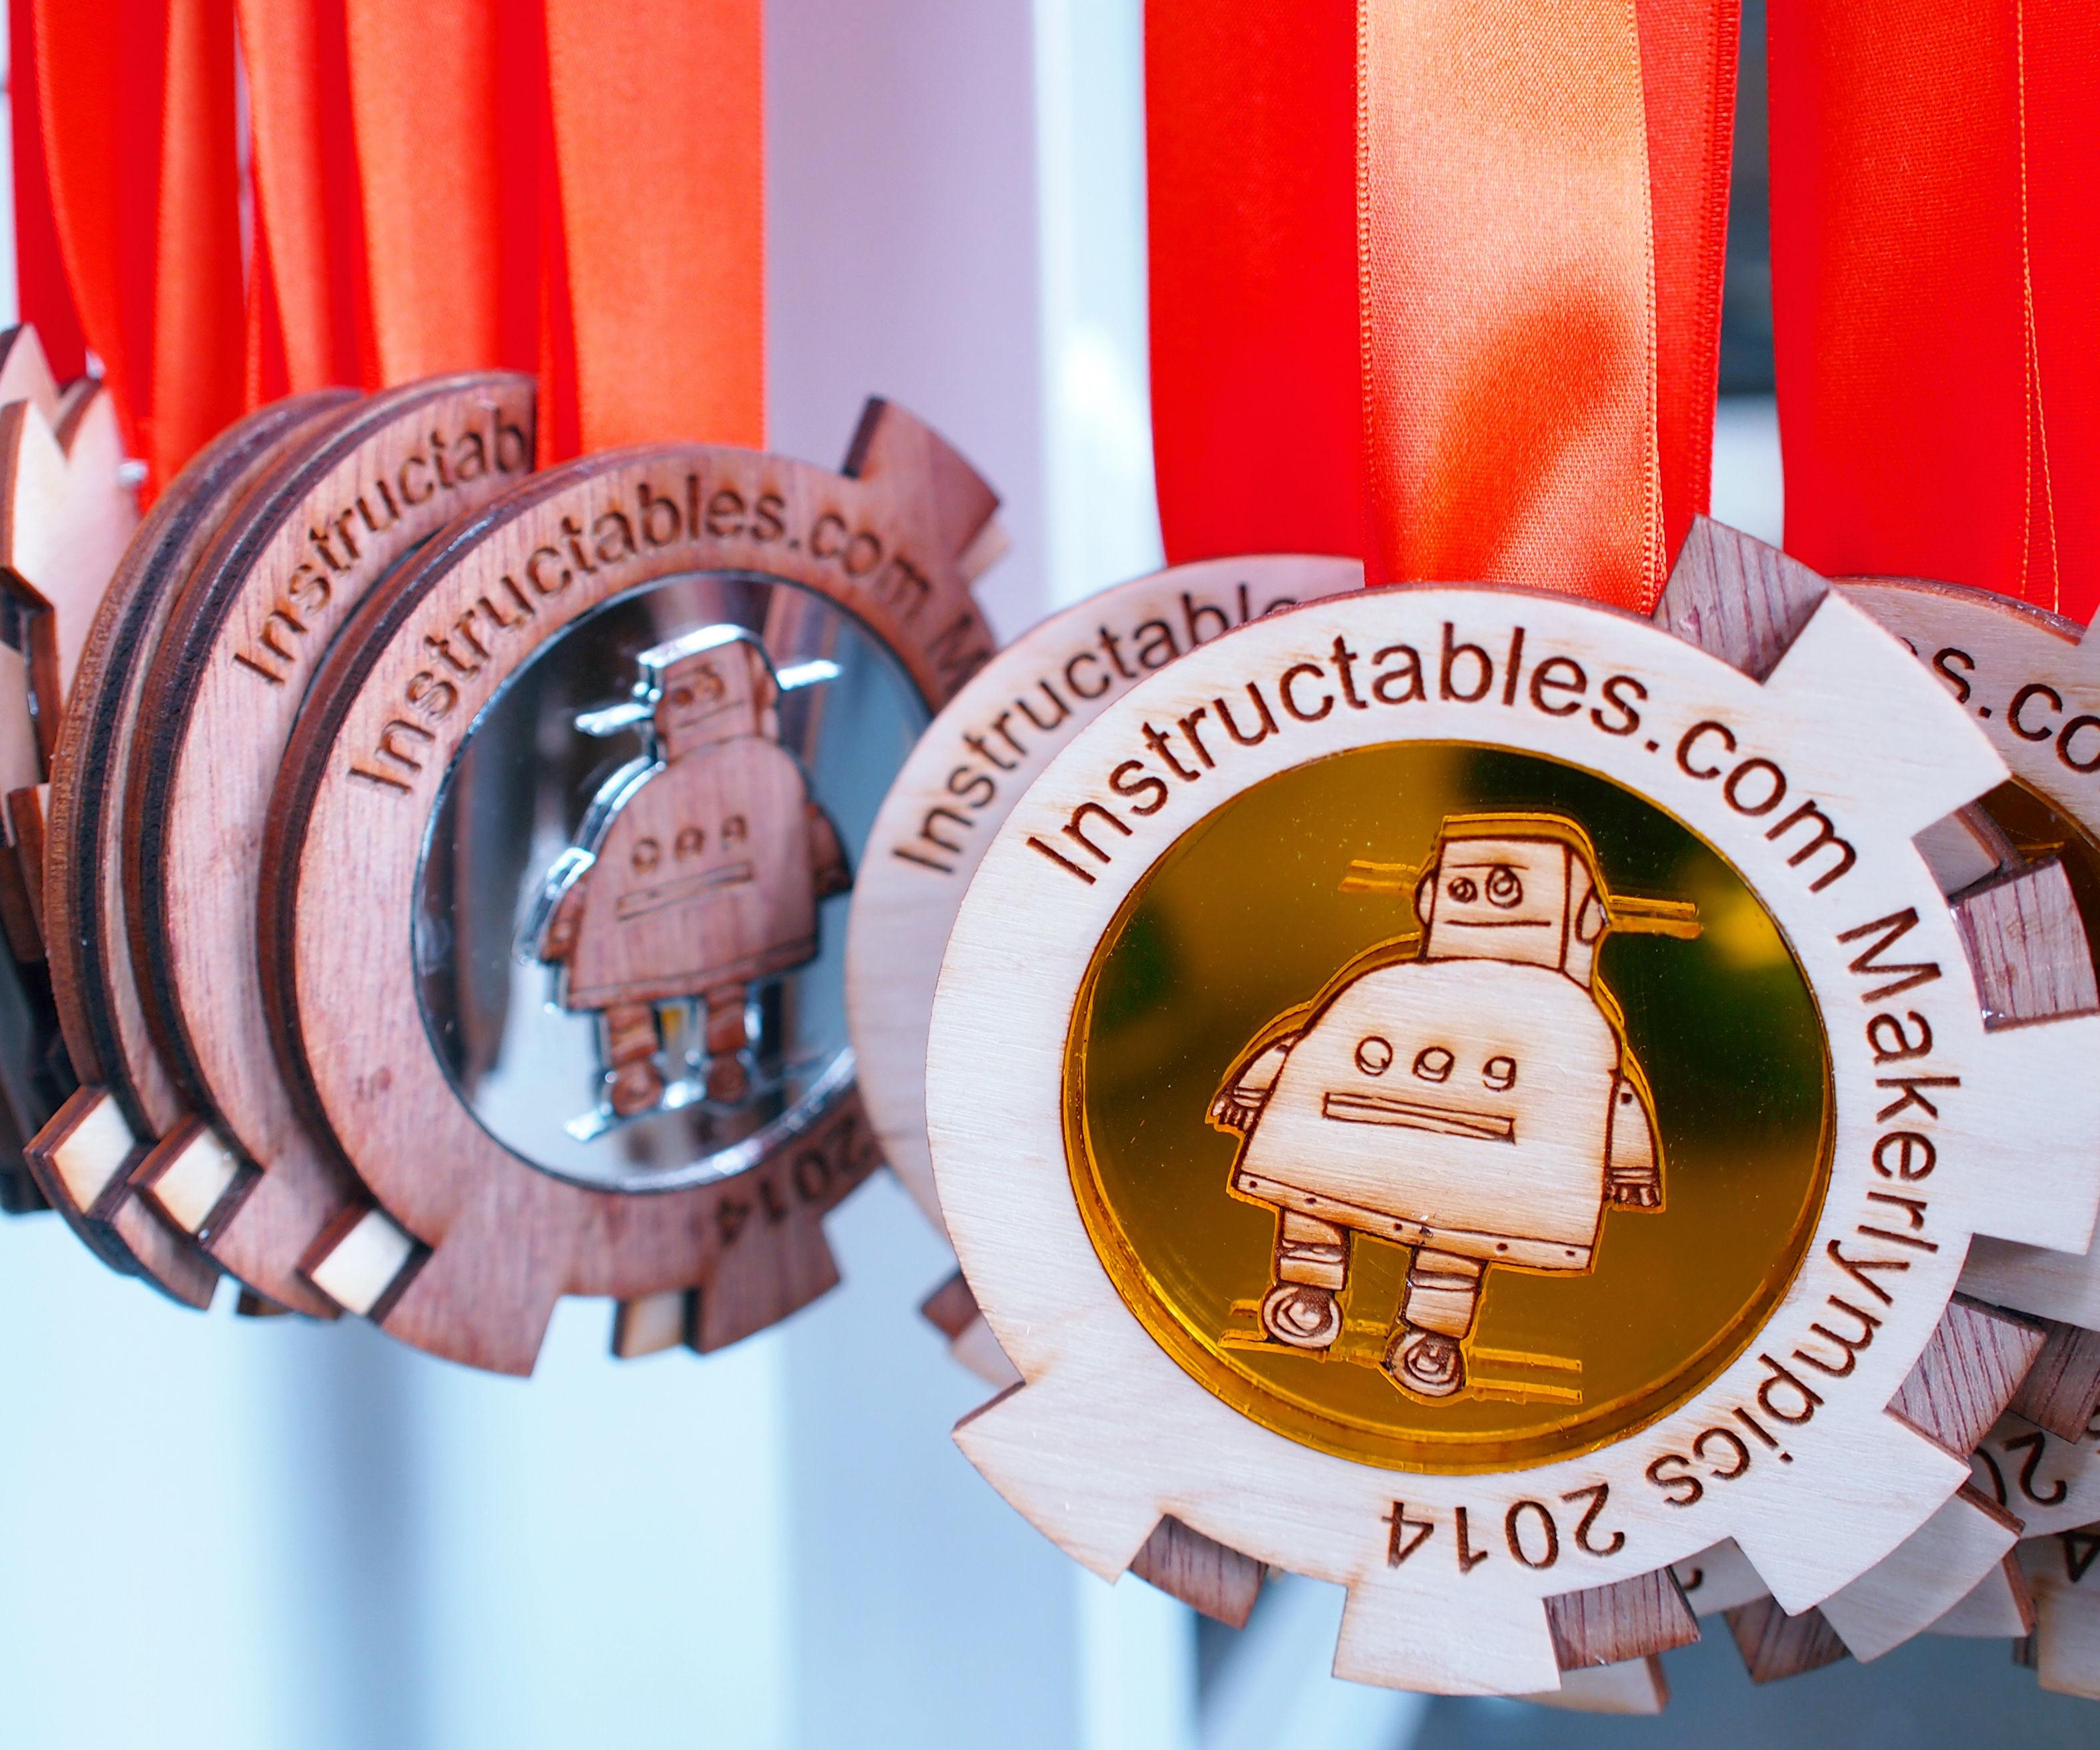 Maker Olympics Medals